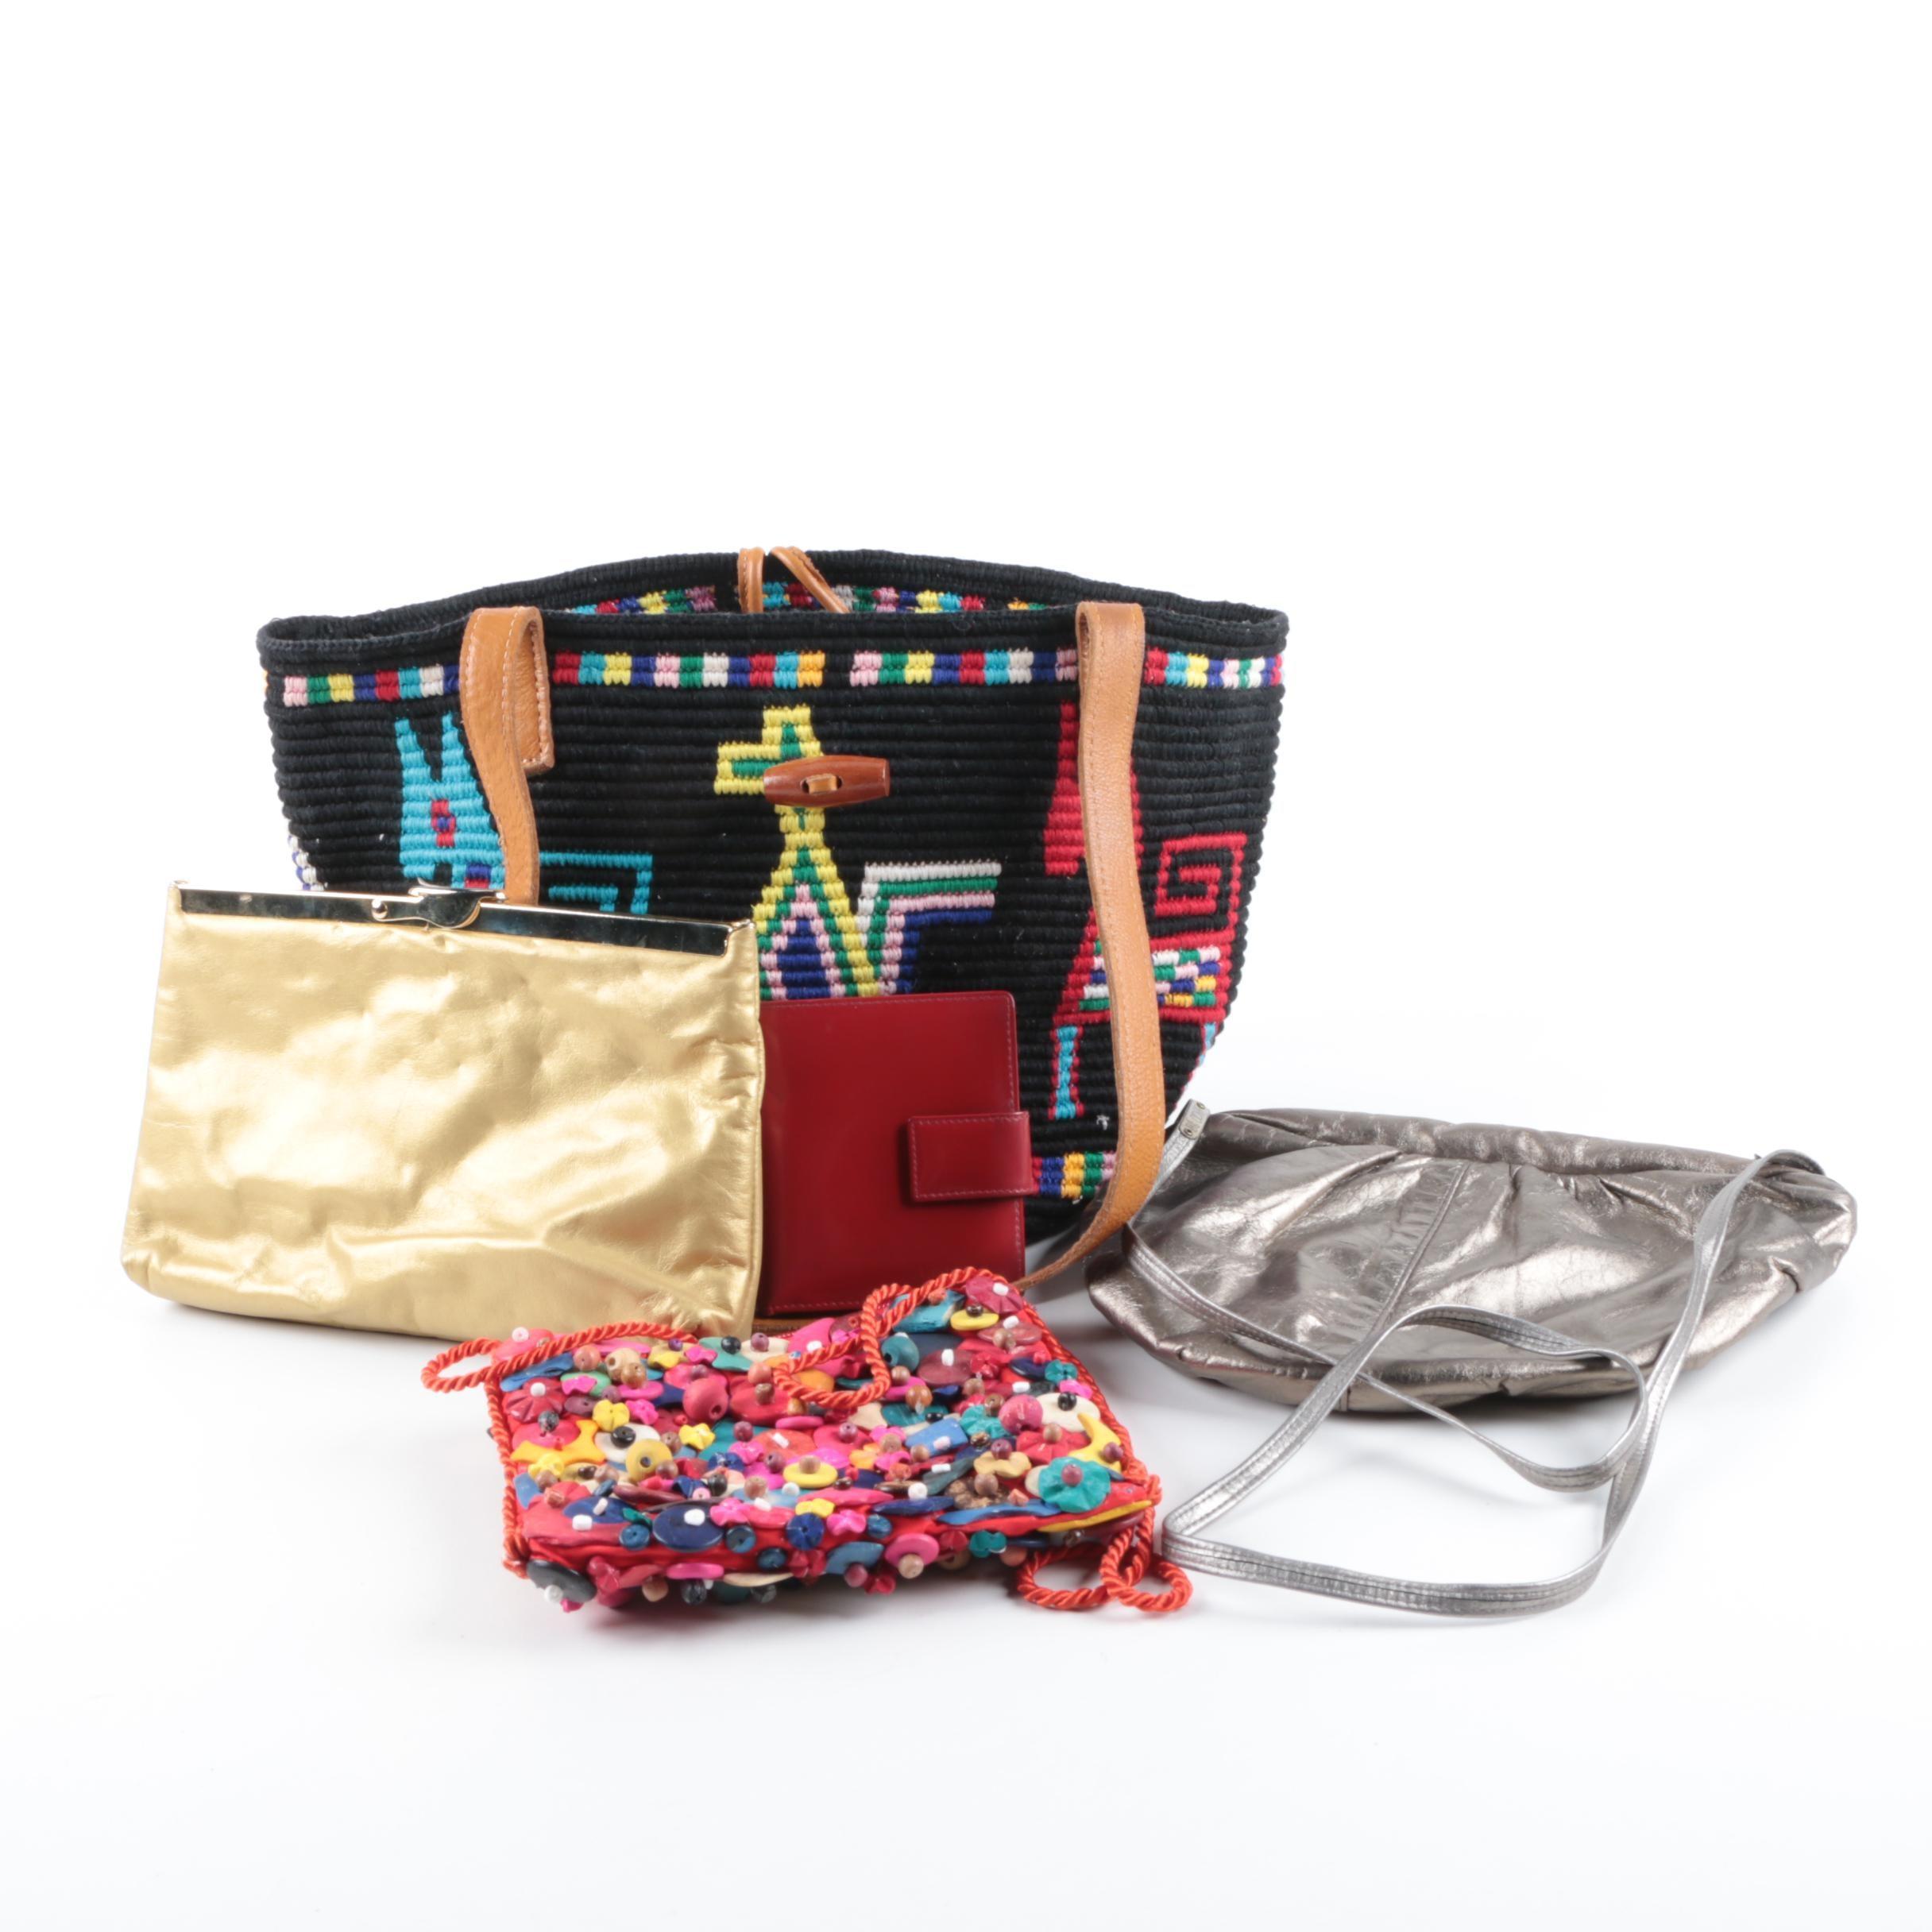 Handbags and Wallets Including Bill Dorf